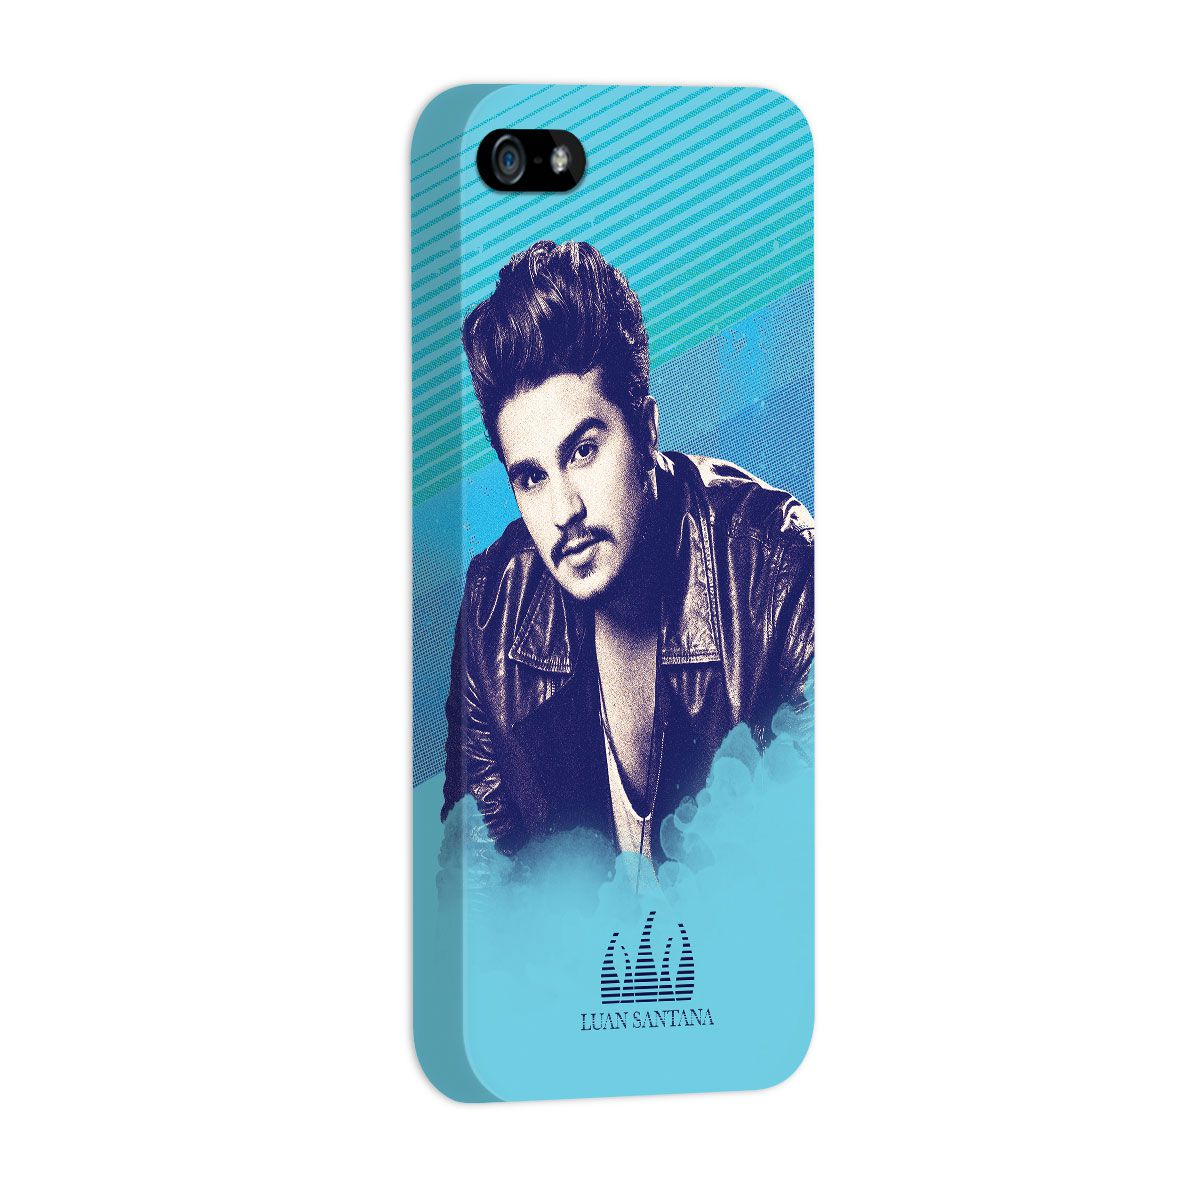 Capa para iPhone 5/5S Luan Santana Sky